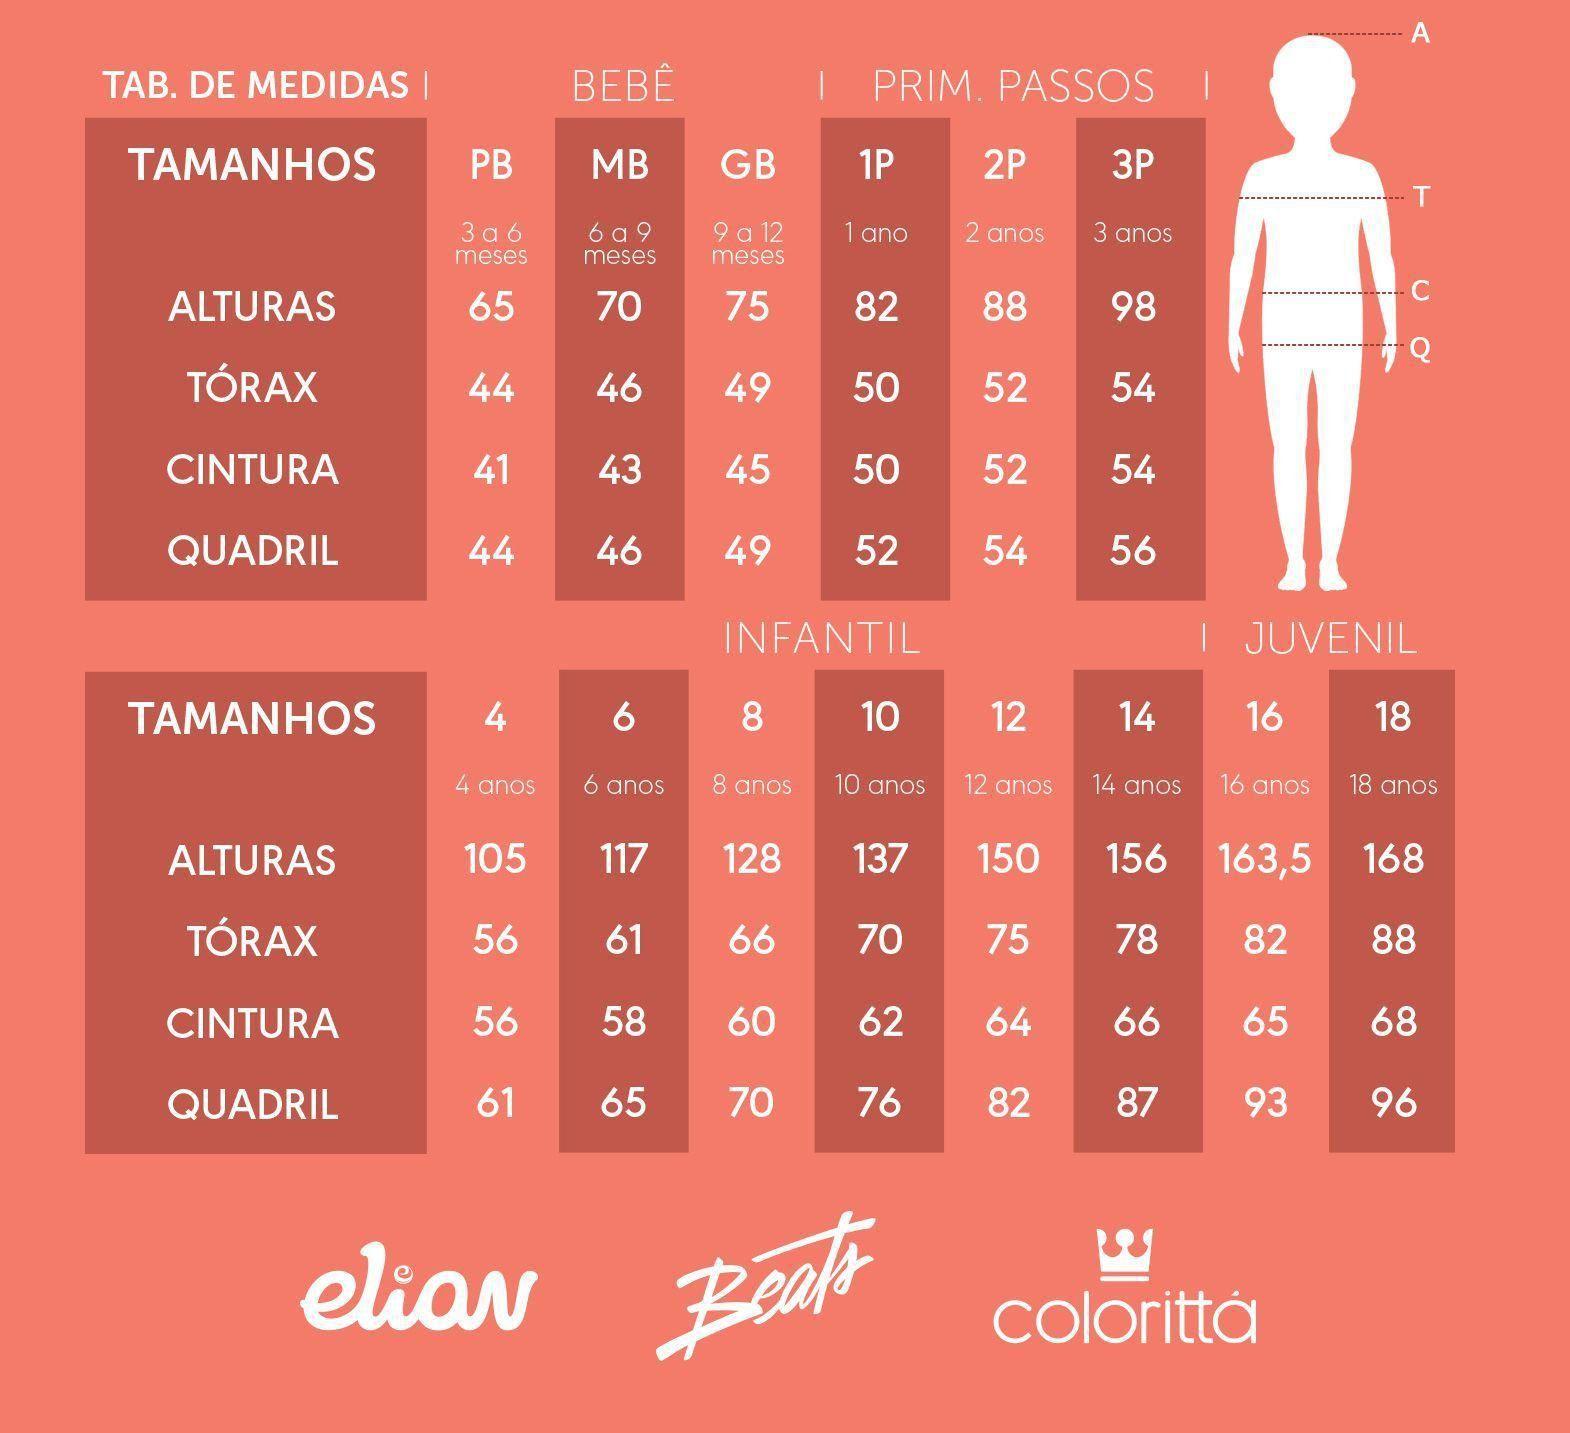 Conjunto Infantil Masculino Cinza Tyranno Saurus - Elian: Tabela de medidas